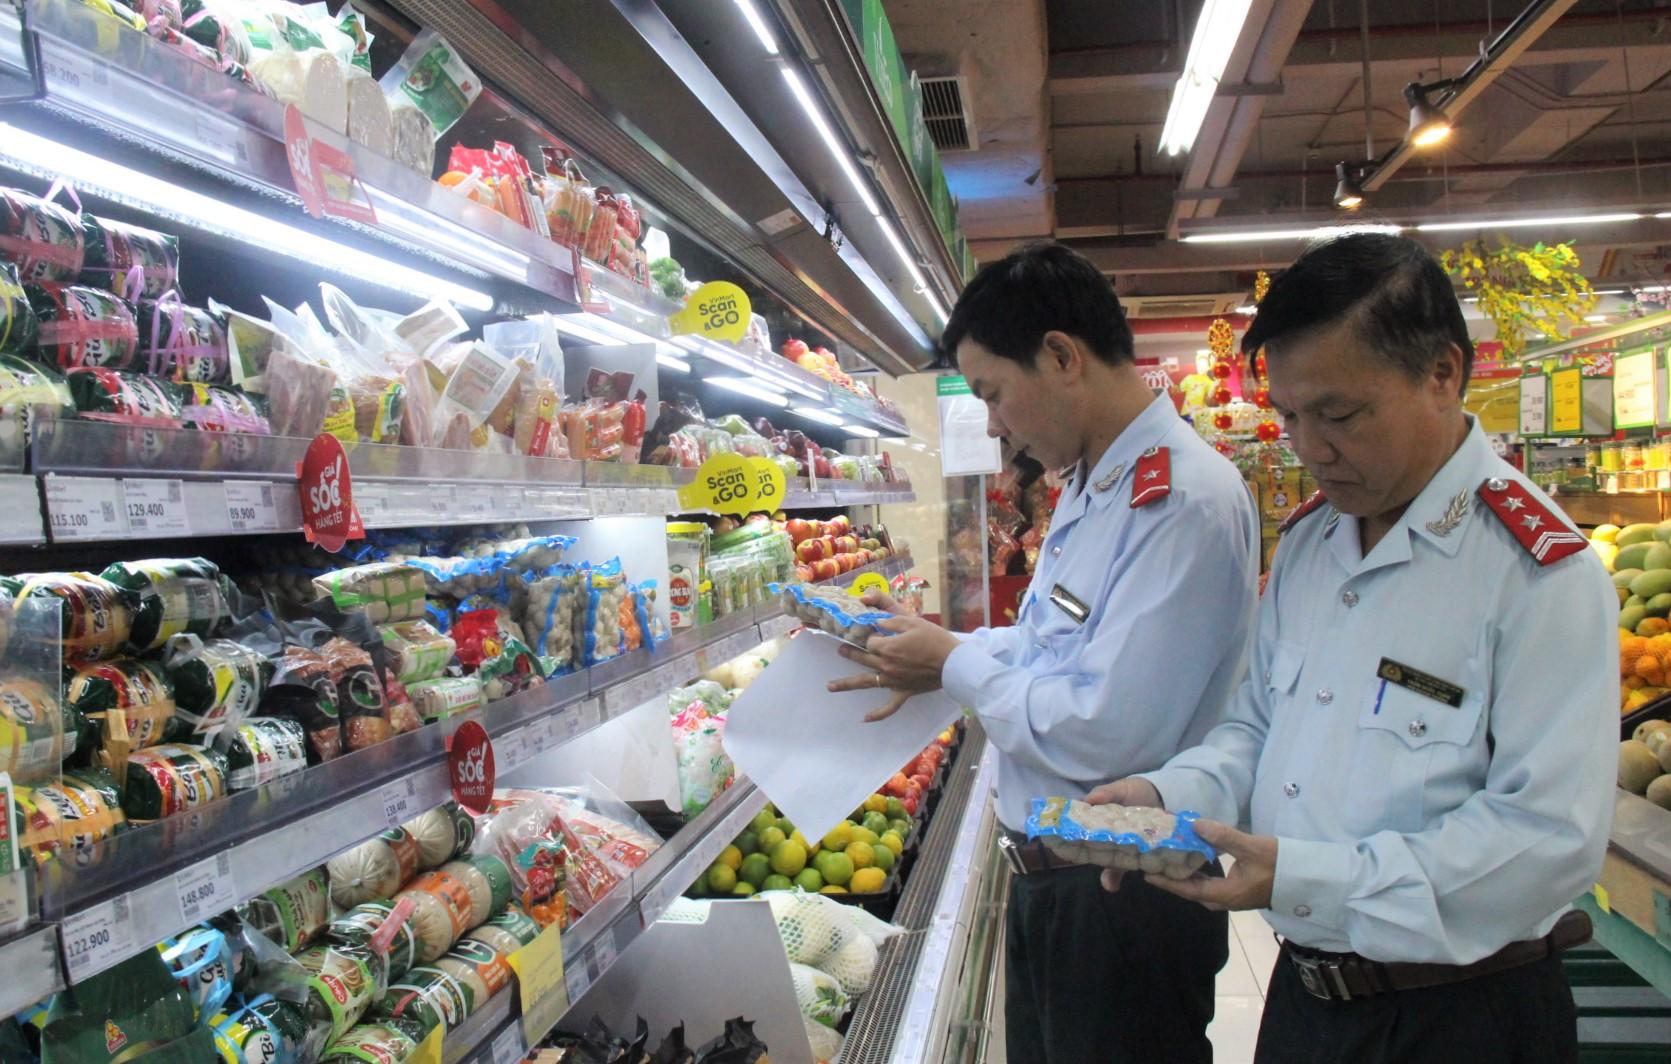 Ra quân kiểm tra an toàn thực phẩm trong dịp Tết Nguyên đán Canh Tý năm 2020